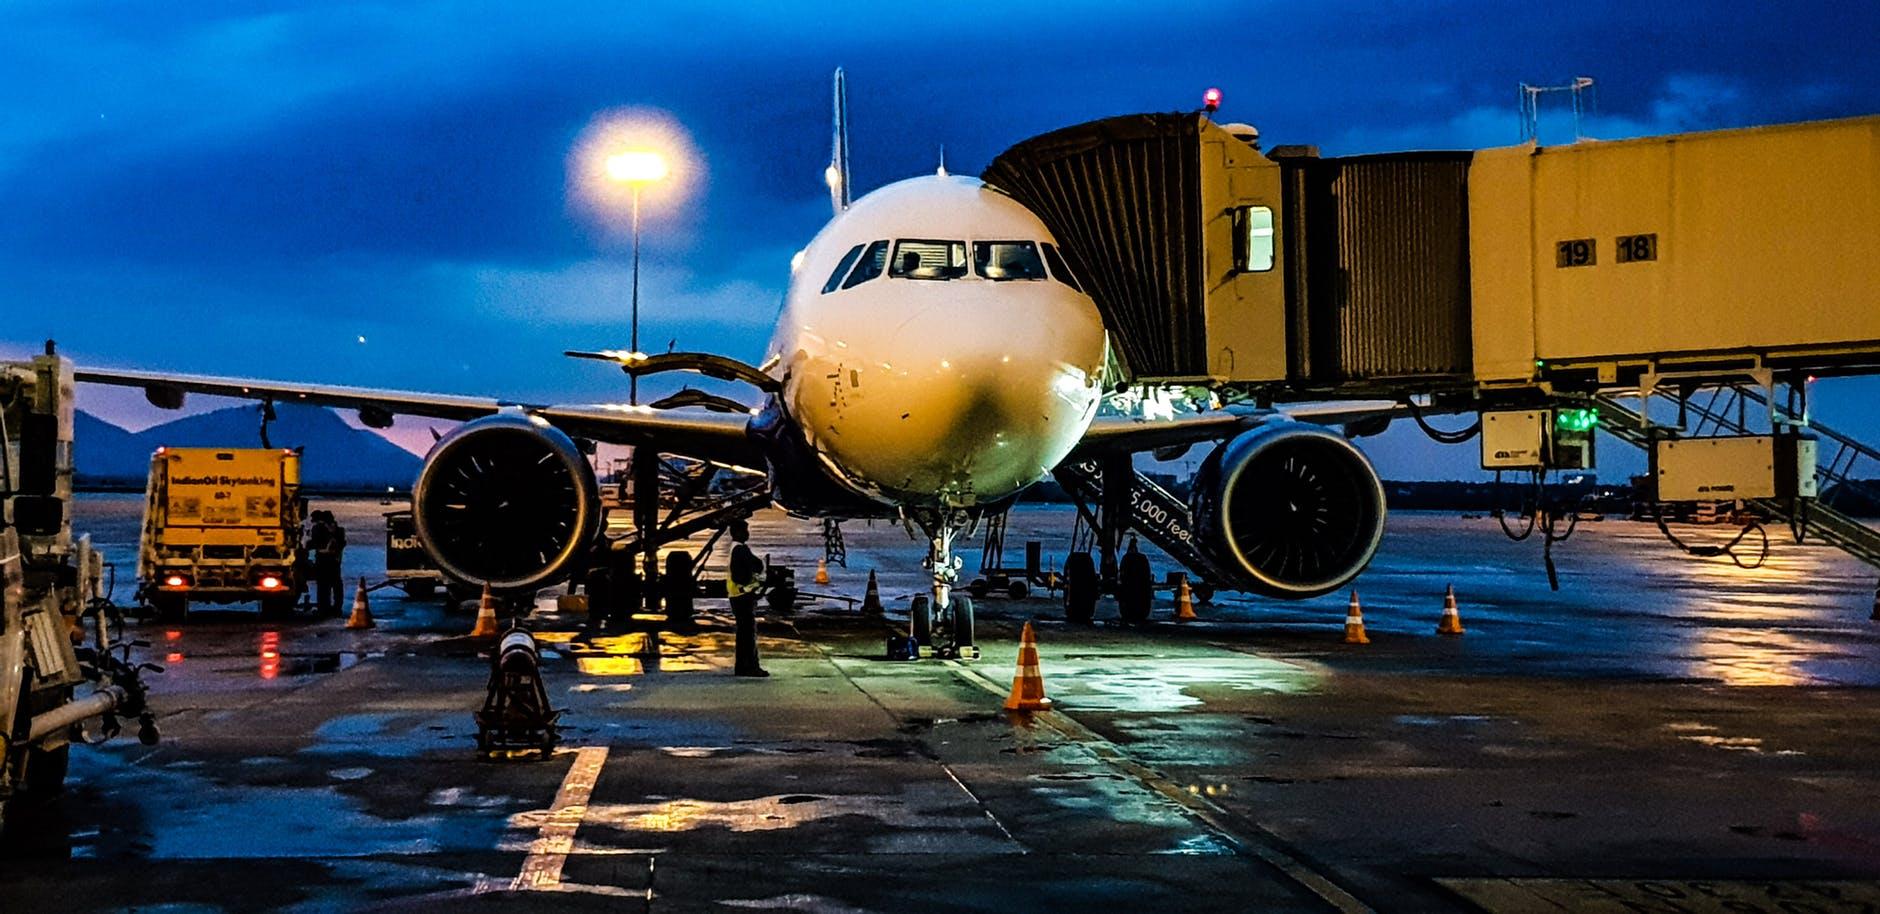 Avião preparando para voar de madruga